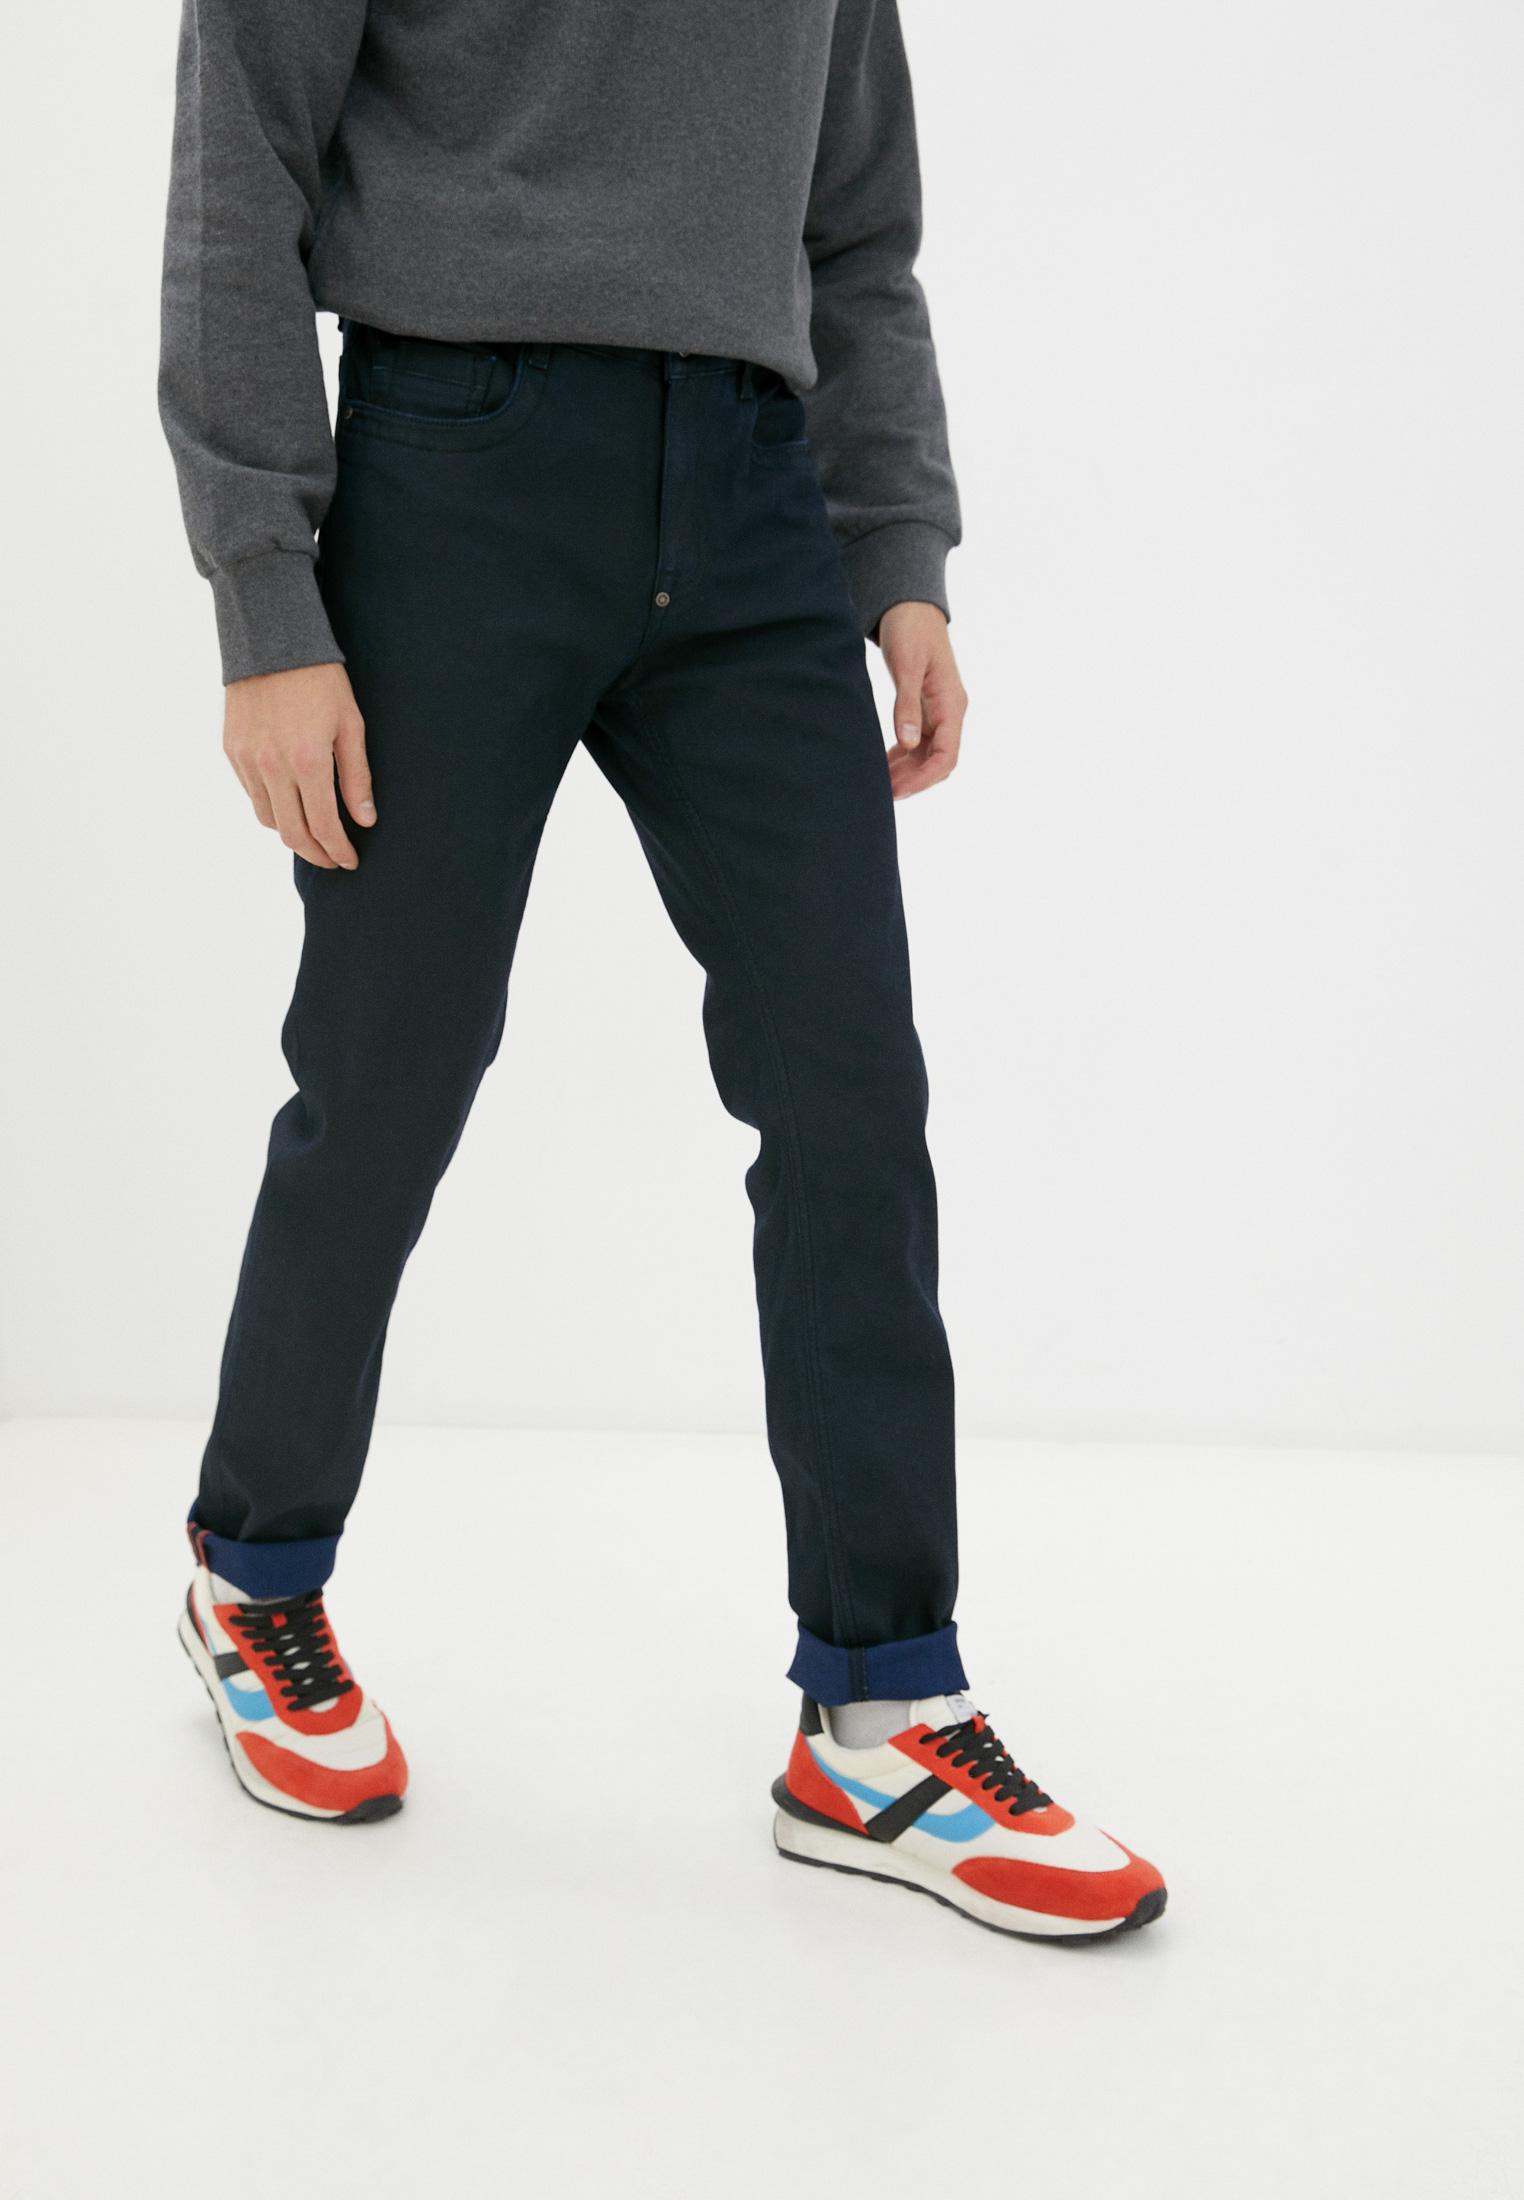 Мужские зауженные джинсы Bikkembergs (Биккембергс) C Q 101 18 S 3147: изображение 6